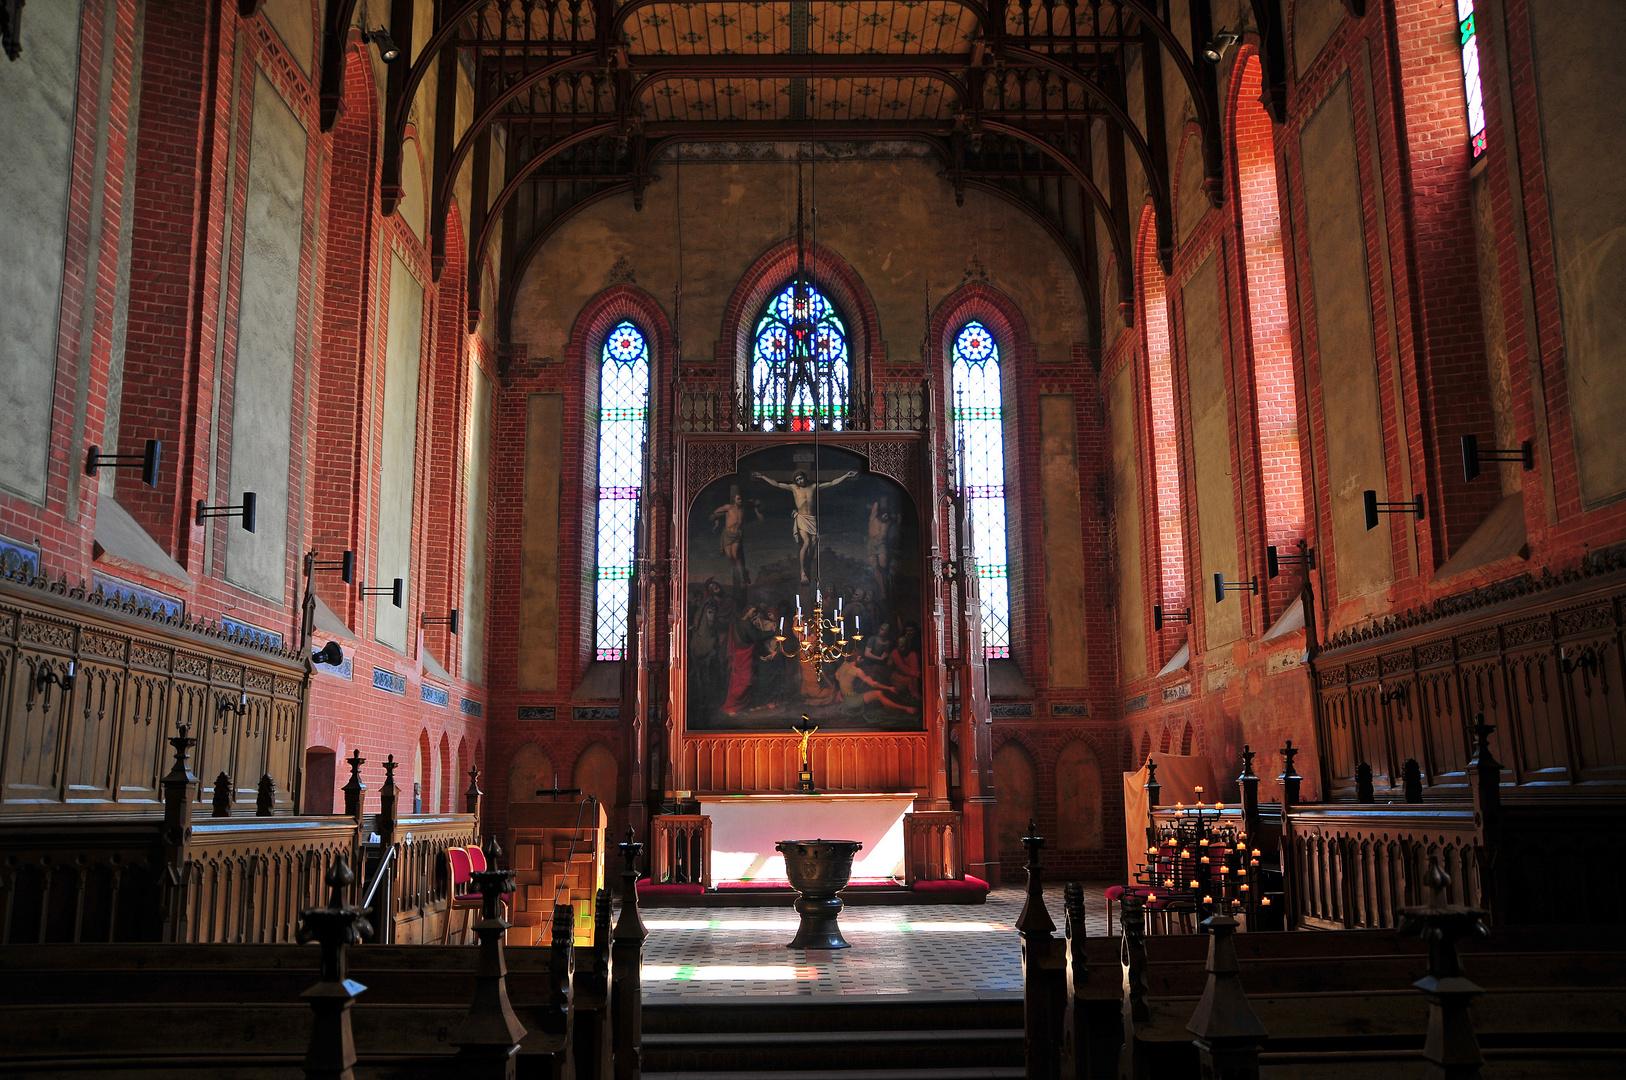 St. Marien-Kirche 1, Plau am See, Mecklenburg-Vorpommern